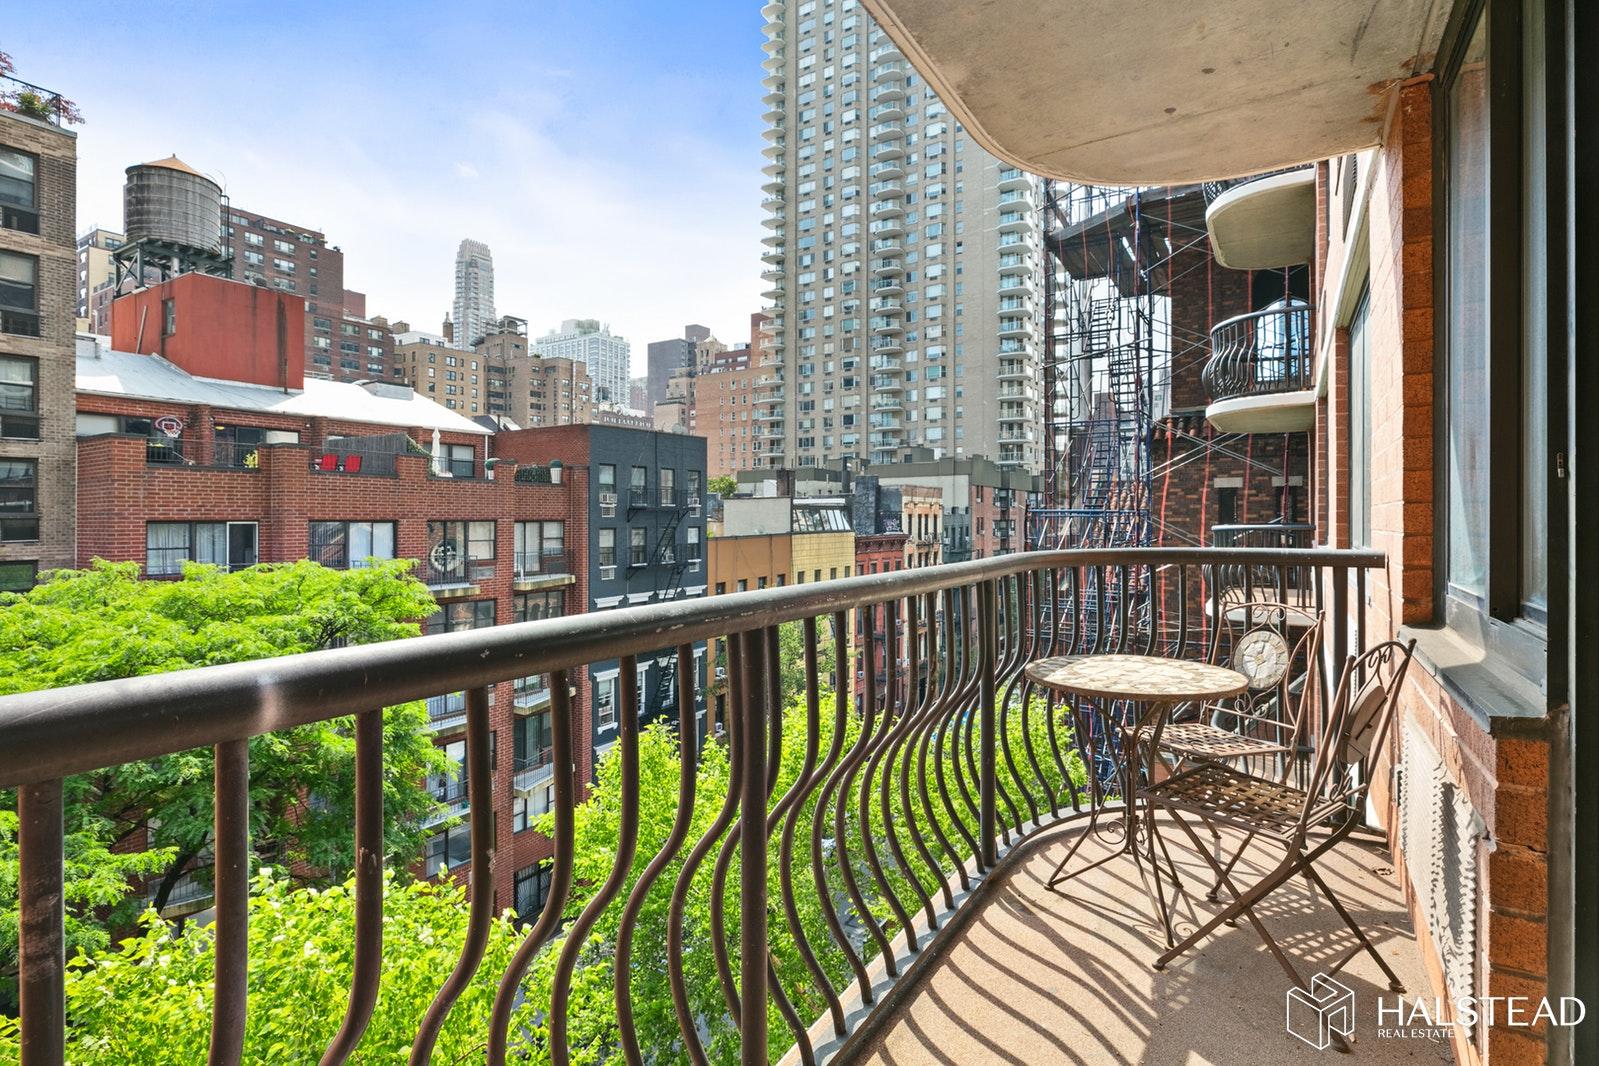 343 EAST 74TH STREET 6JK, Upper East Side, $1,495,000, Web #: 19775049